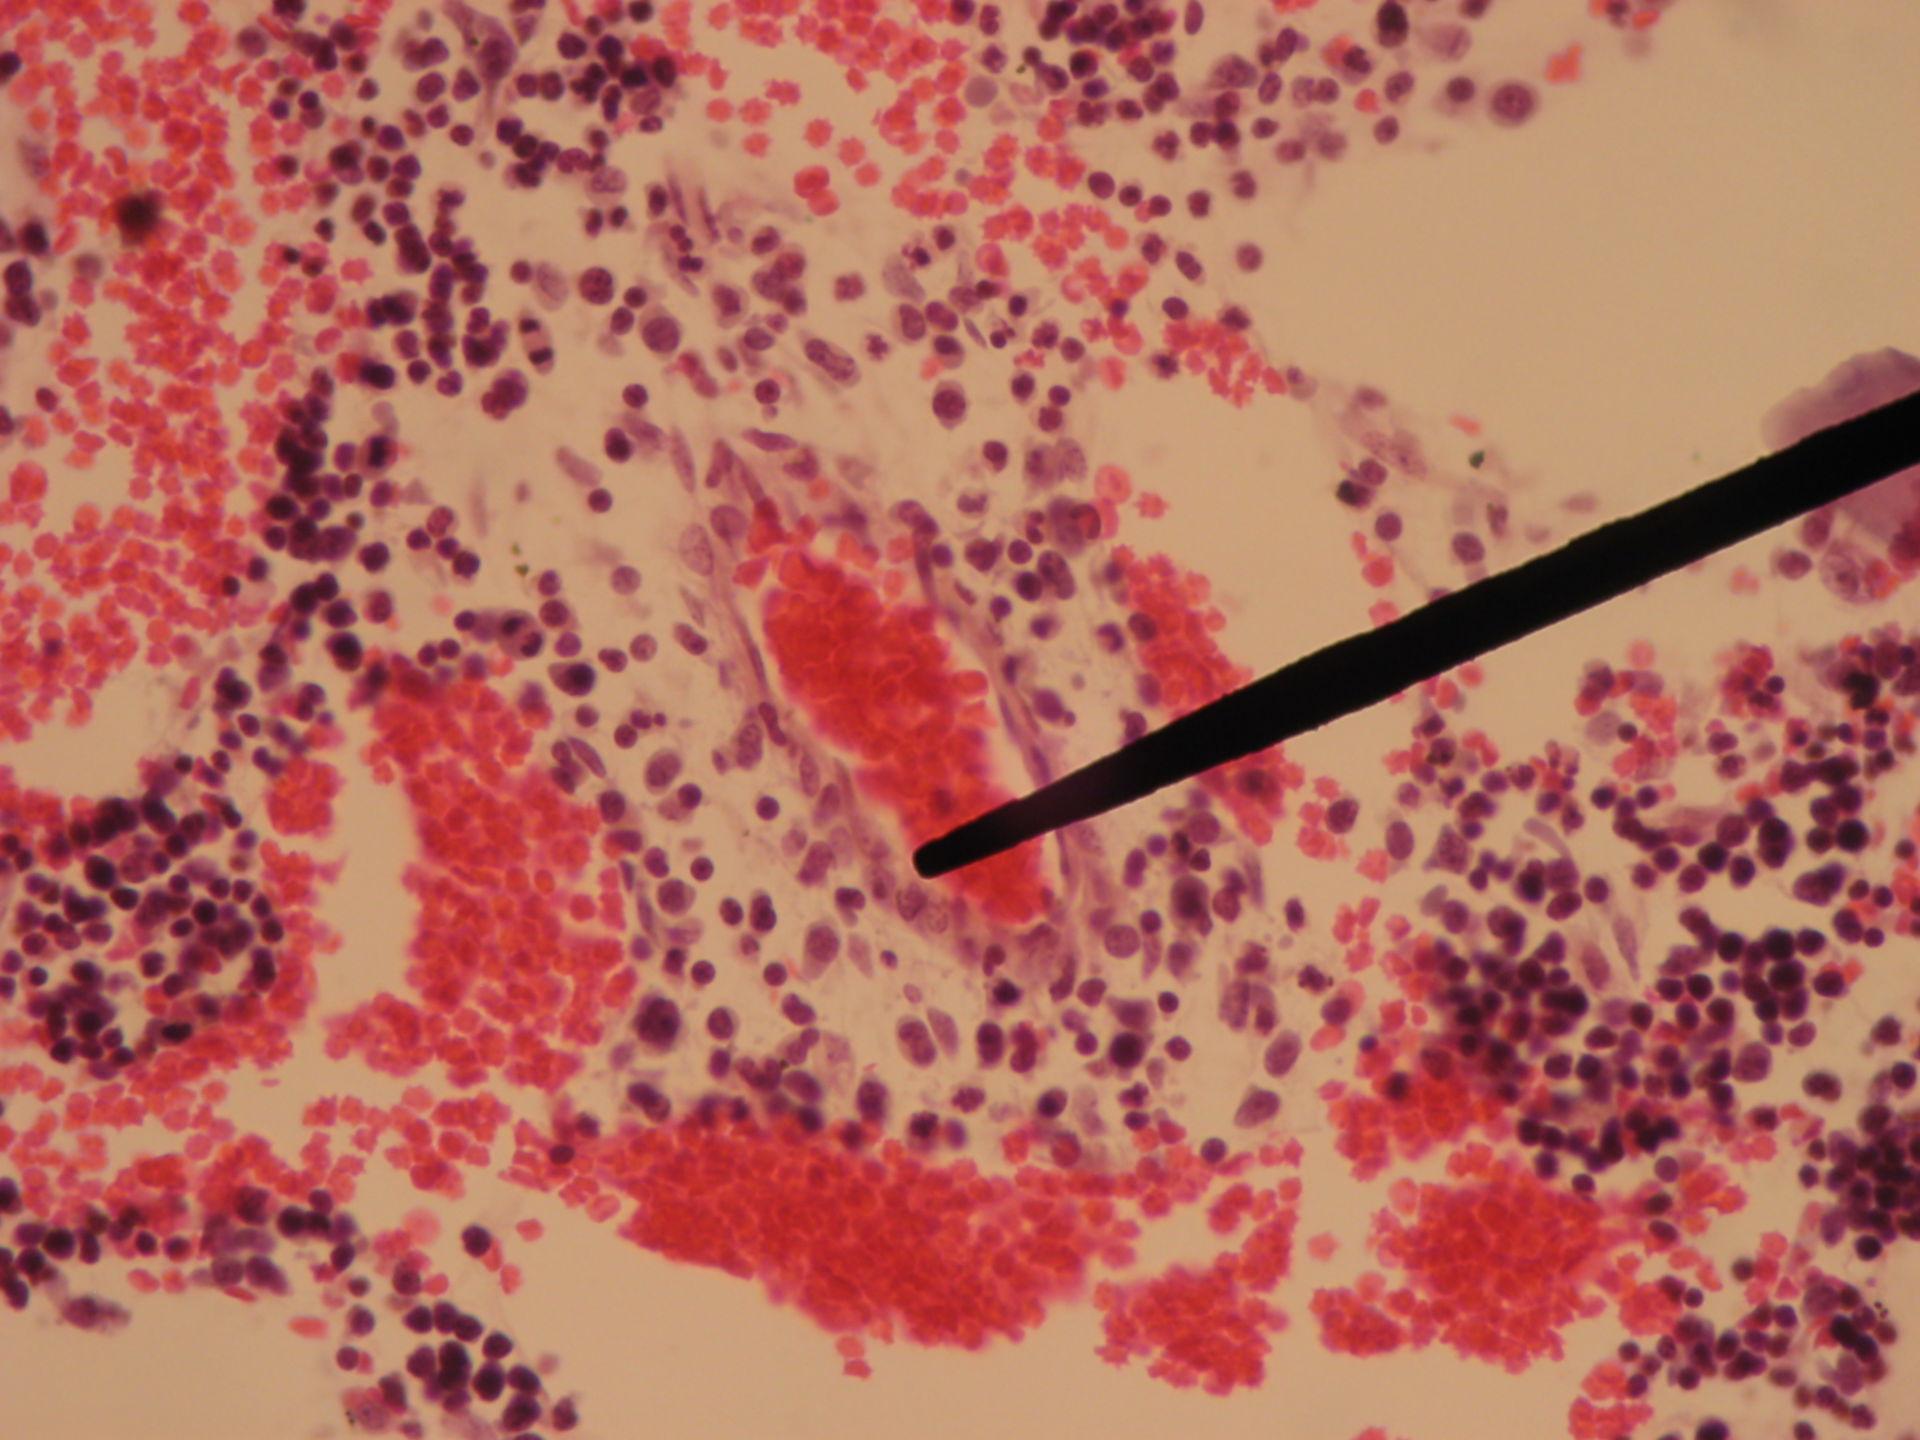 Rotes Knochenmark eines Schweinefetus (6) - Kapillare